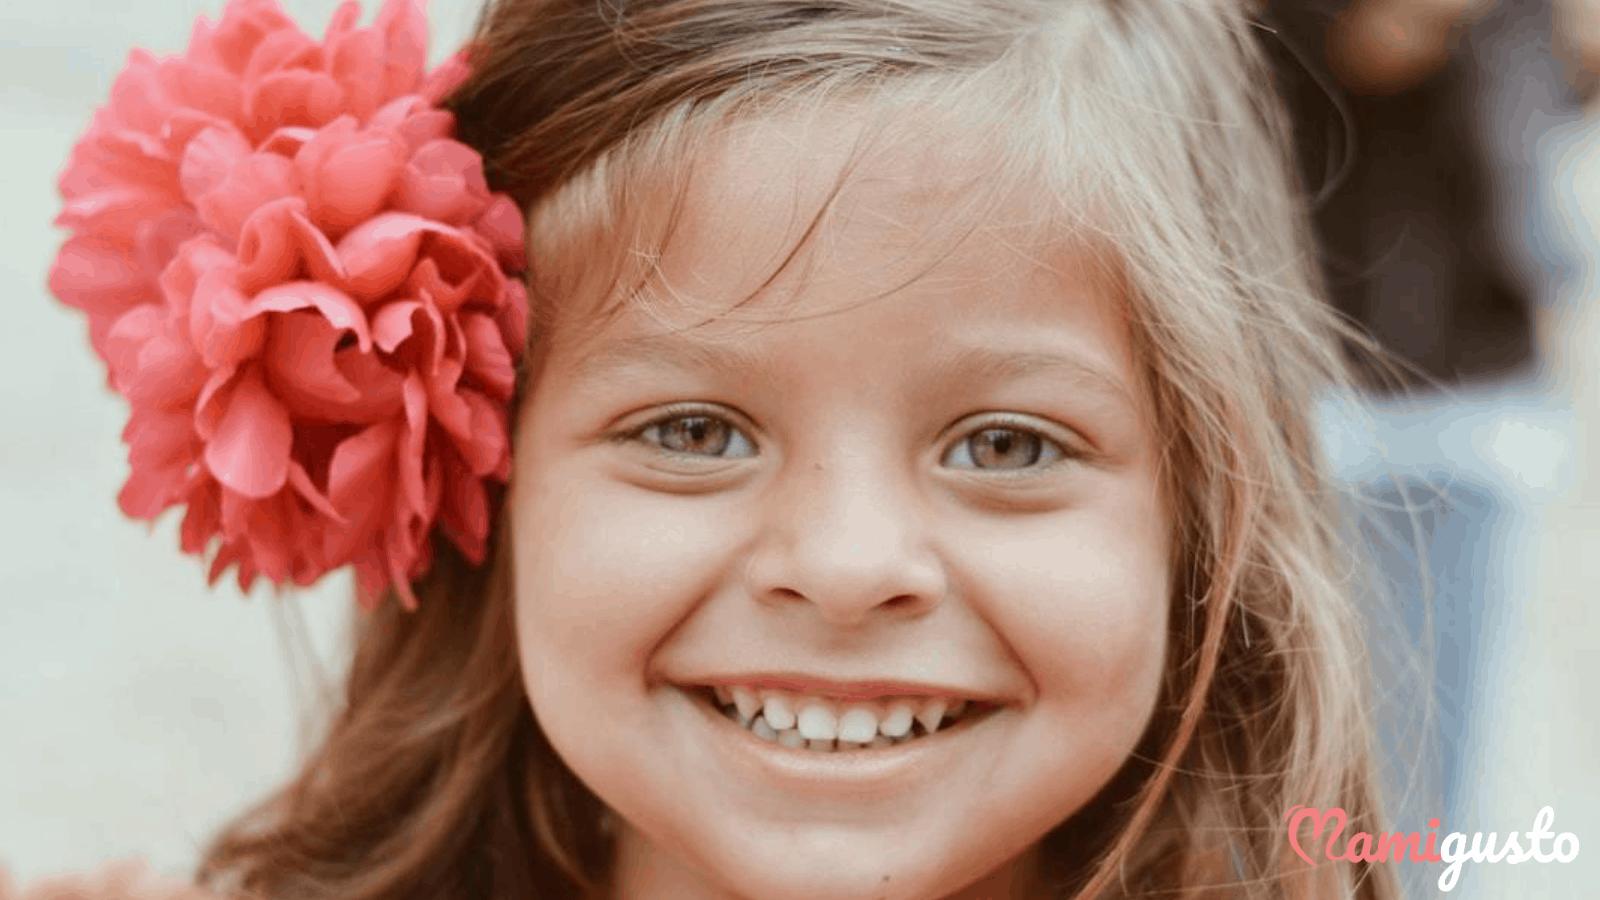 χαρουμενο και ευτυχισμενο παιδι